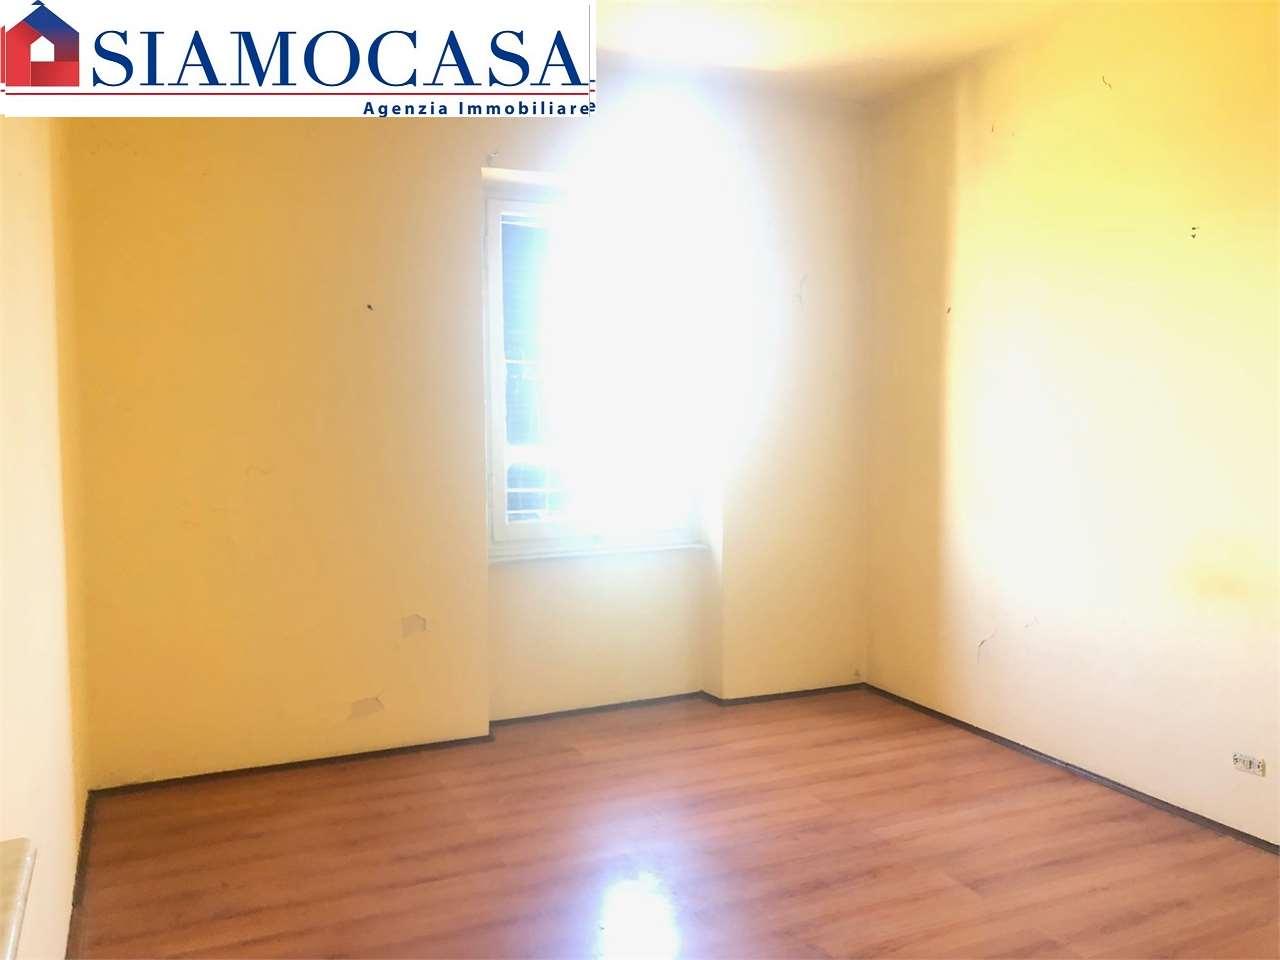 Vendita Trilocale Appartamento Alessandria 146300